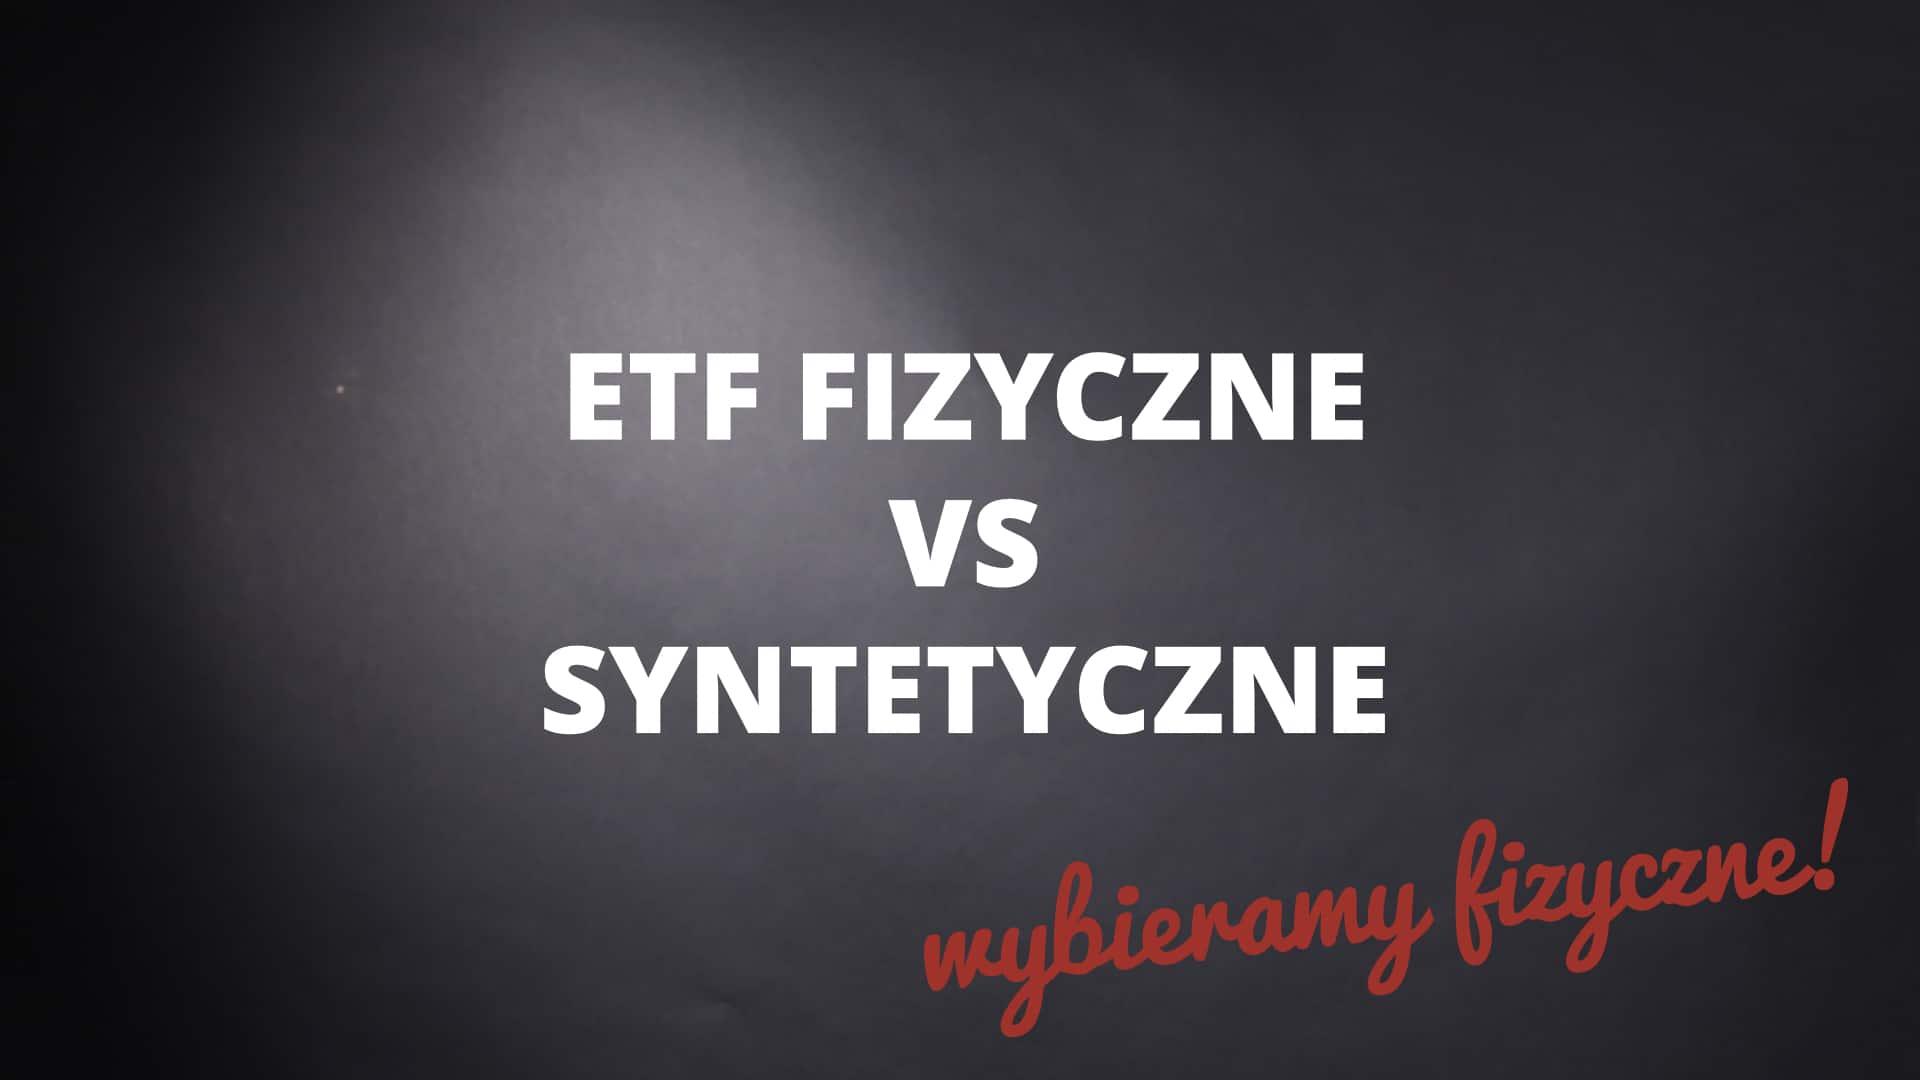 ETF fizyczny vs syntetyczny